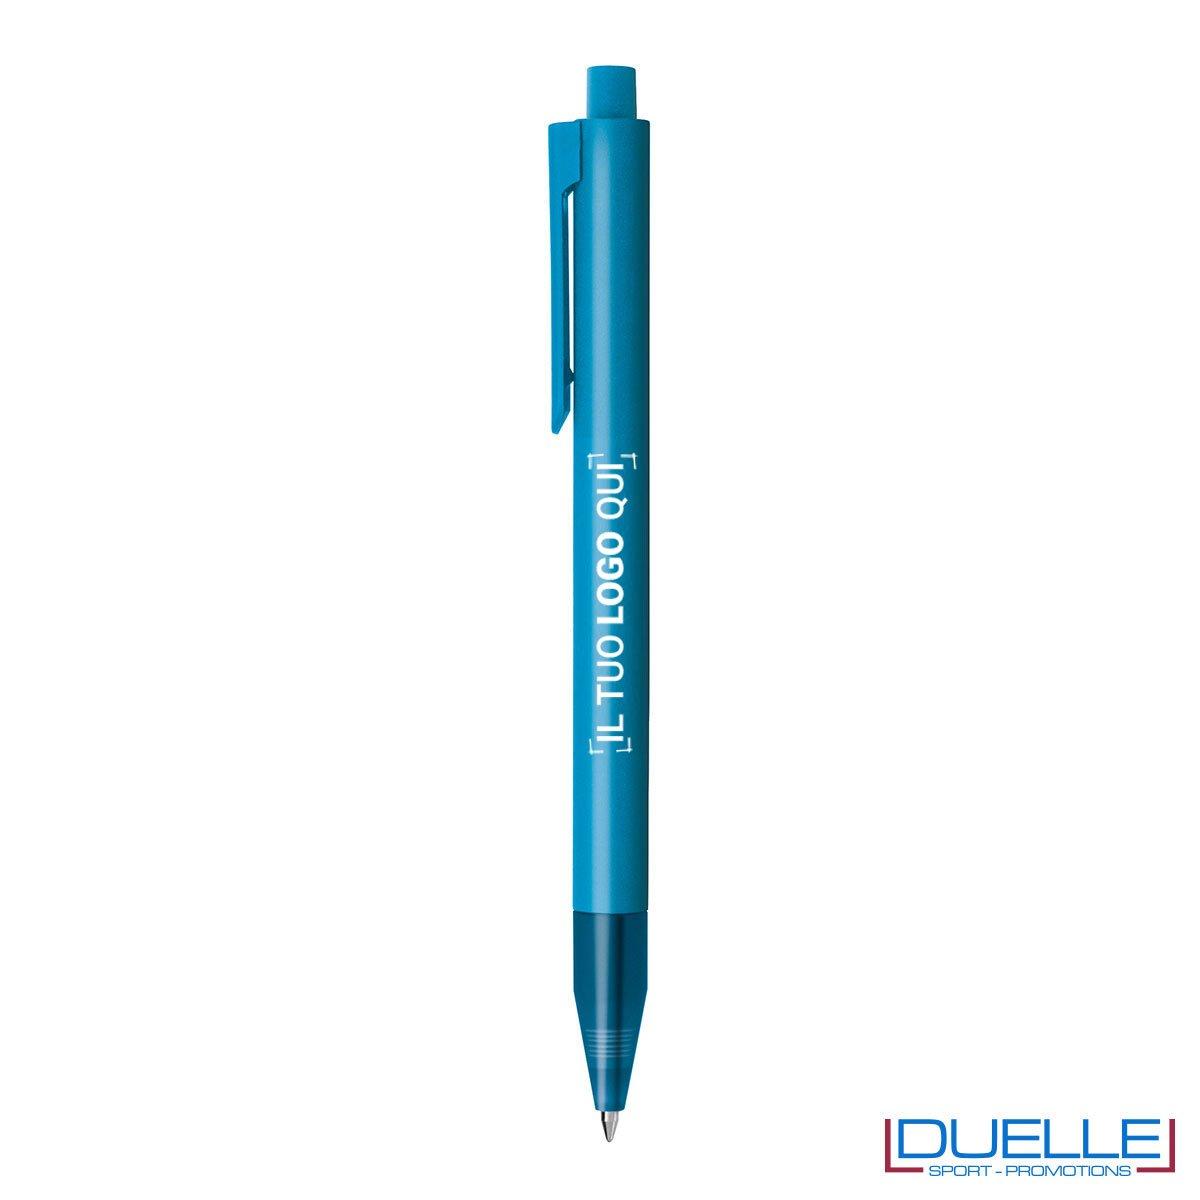 Penna personalizzata in plastica colorata azzurra